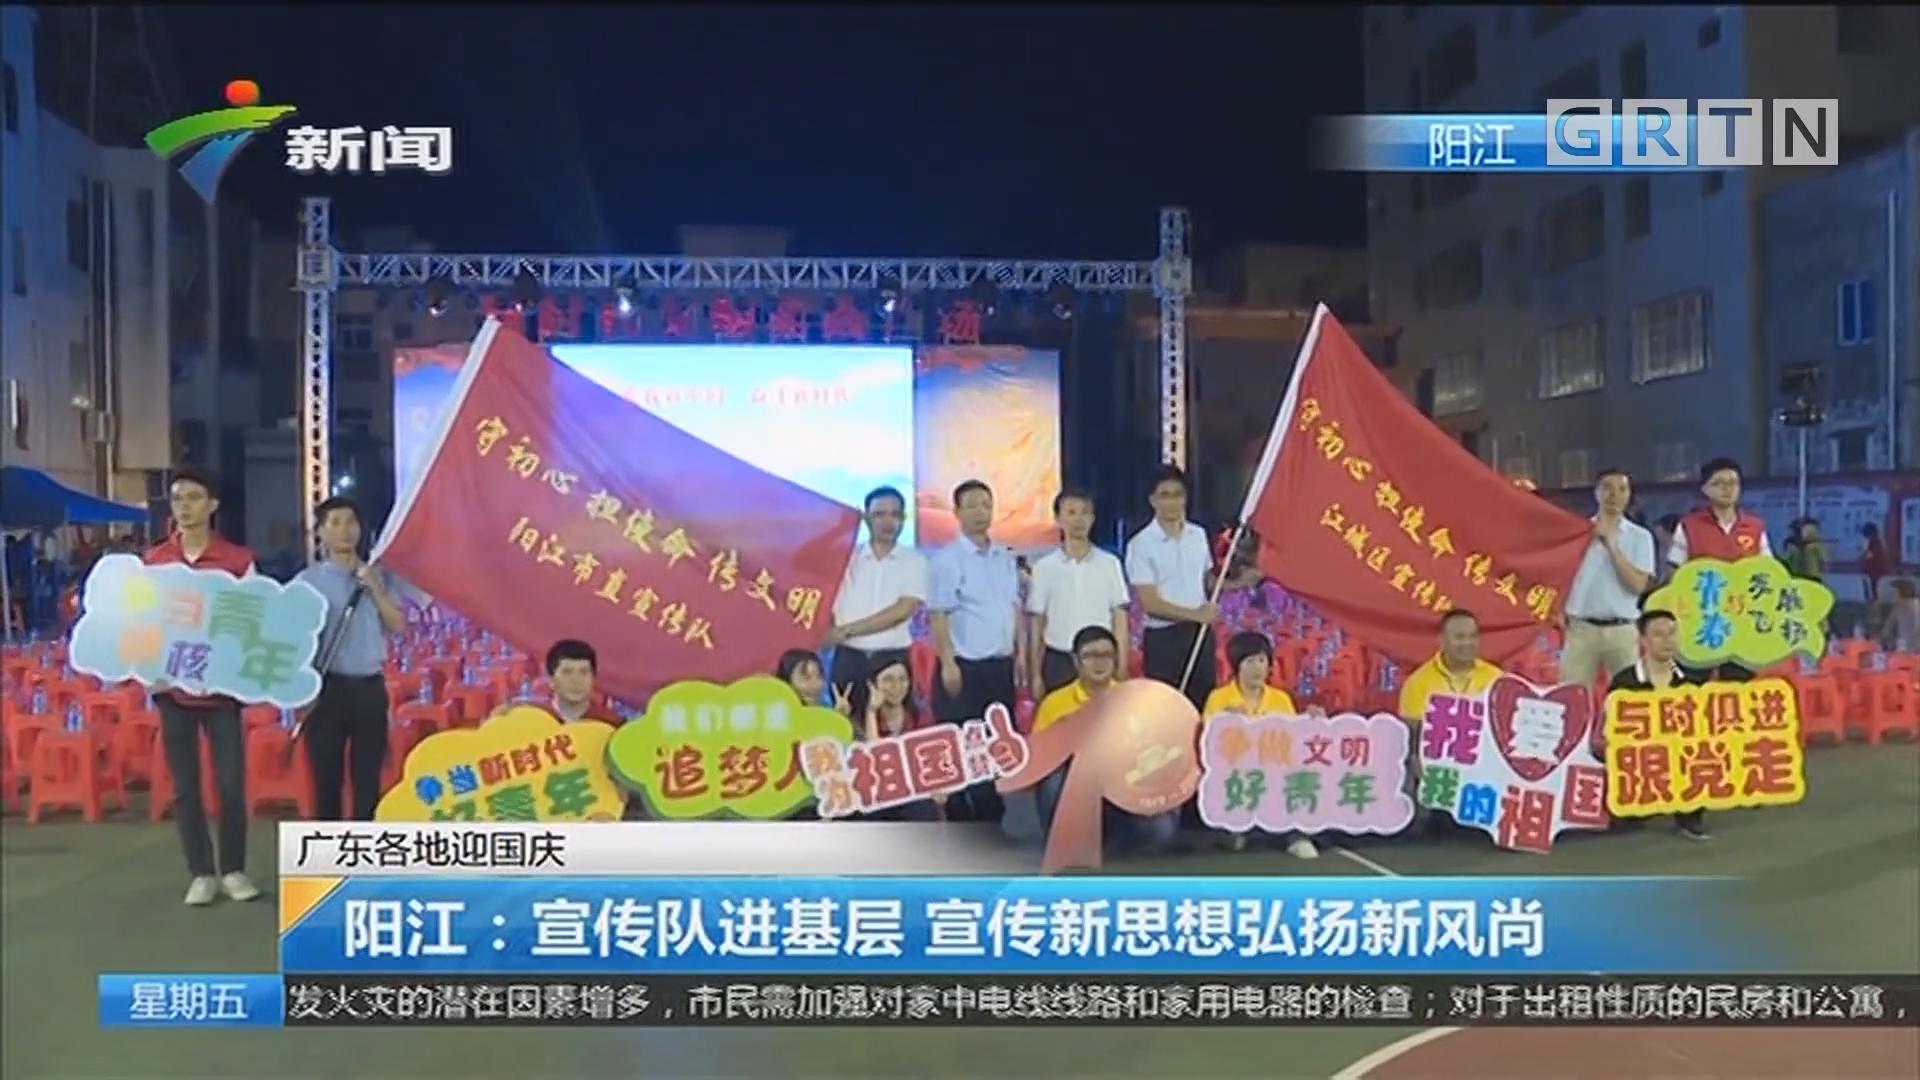 广东各地迎国庆 阳江:宣传队进基层 宣传新思想弘扬新风尚